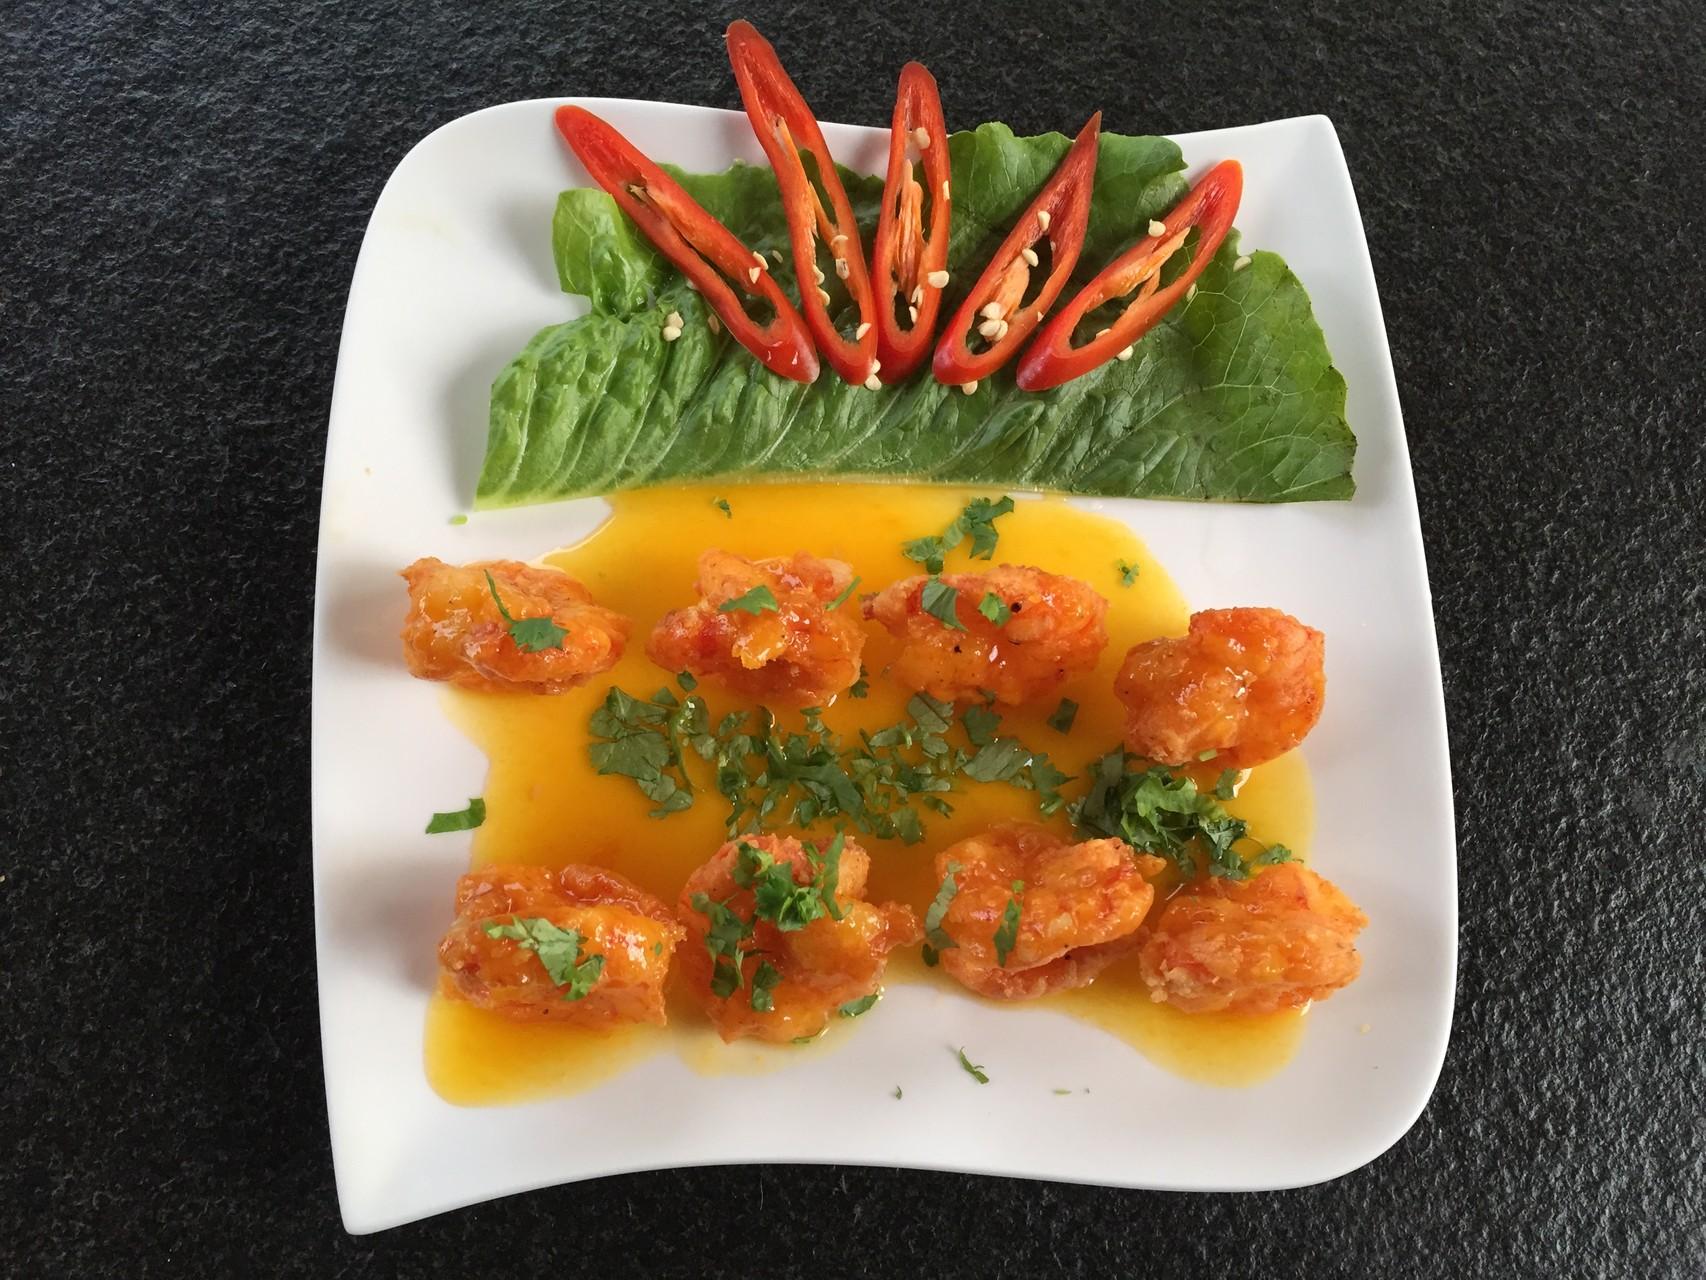 Tom sot chanh day - Knuspriger Crevetten mit frische  Passionfrüchtesauce.